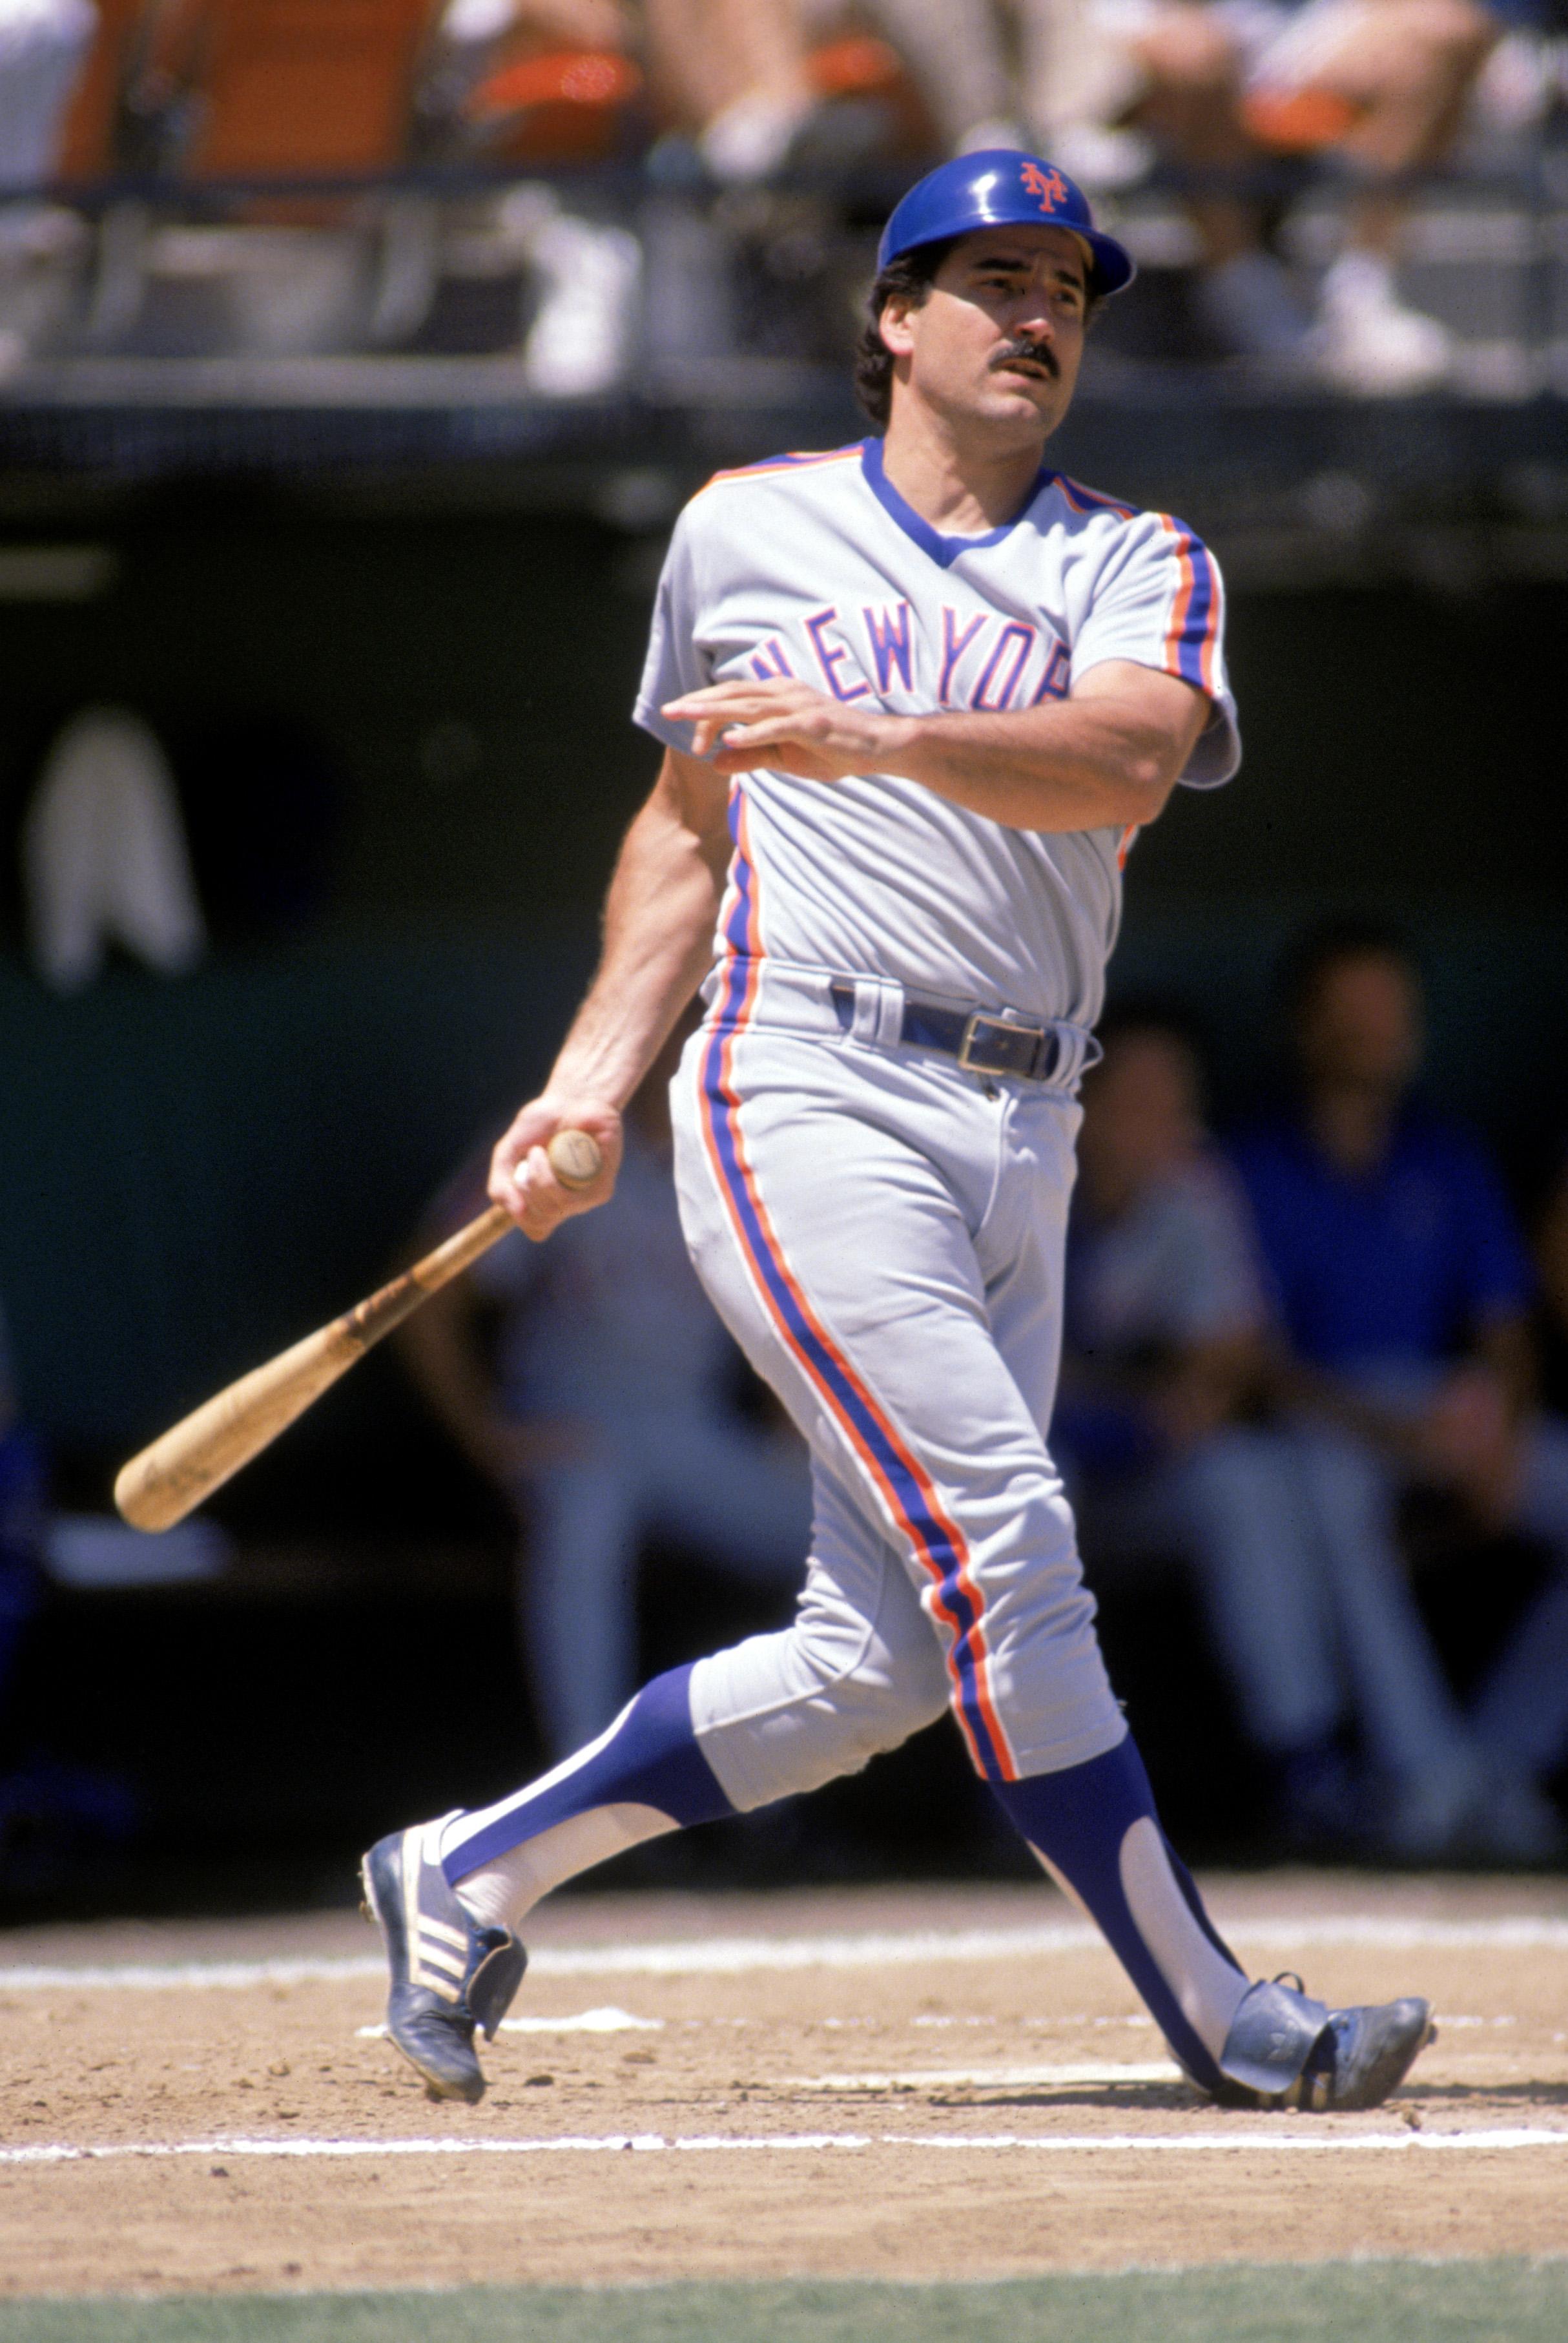 Keith Hernandez swings